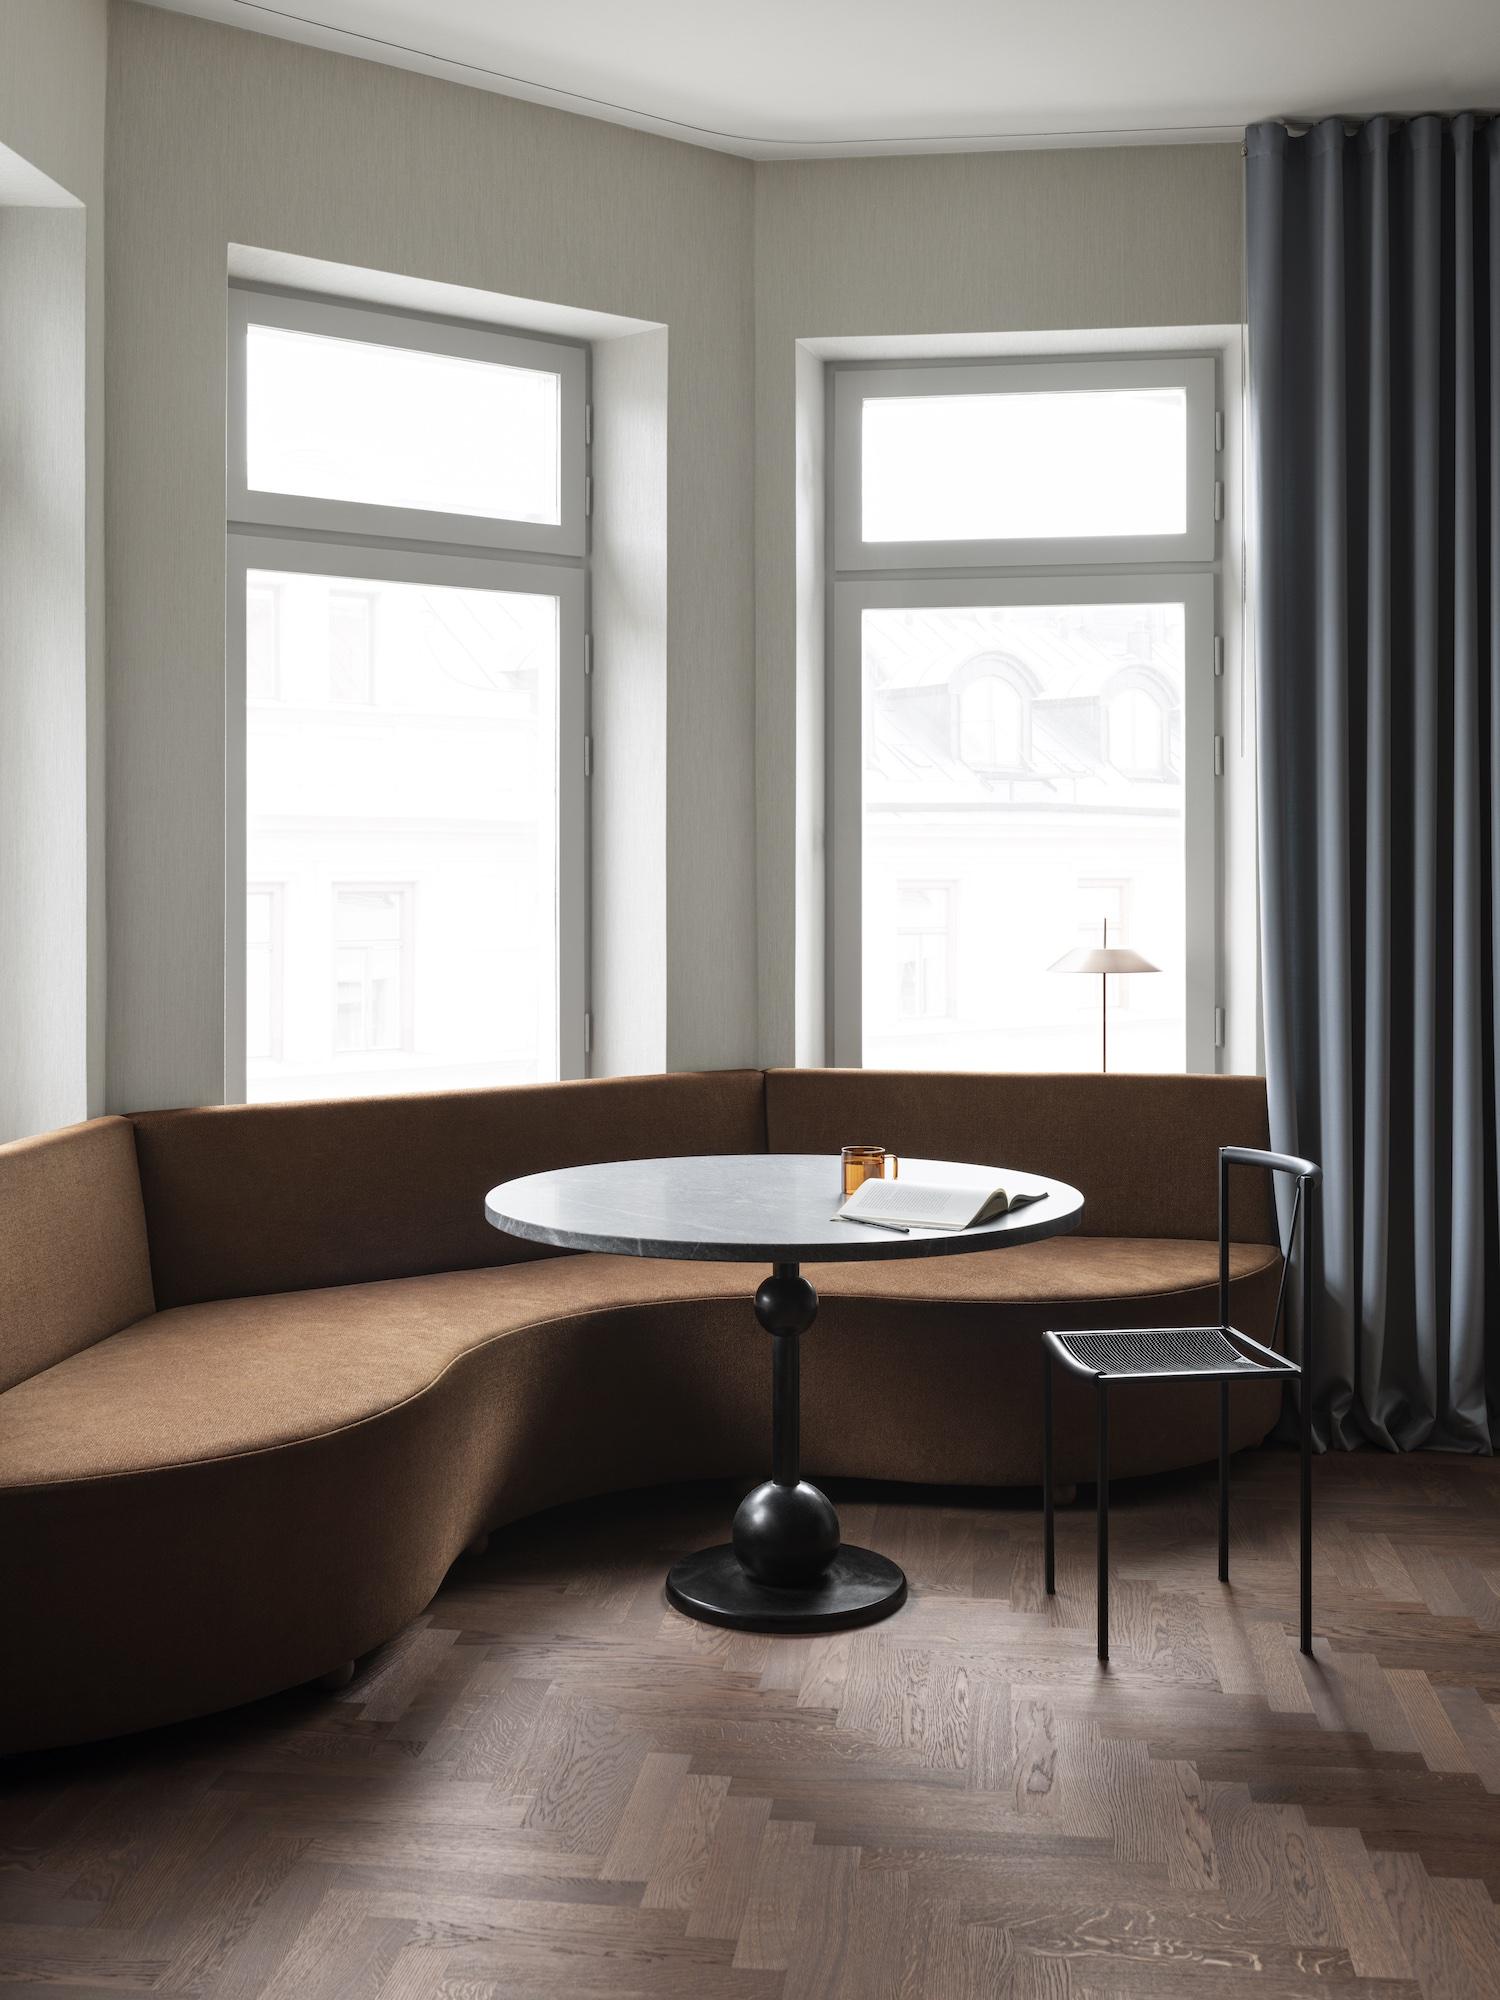 est living interview designer louise liljencrantz 6